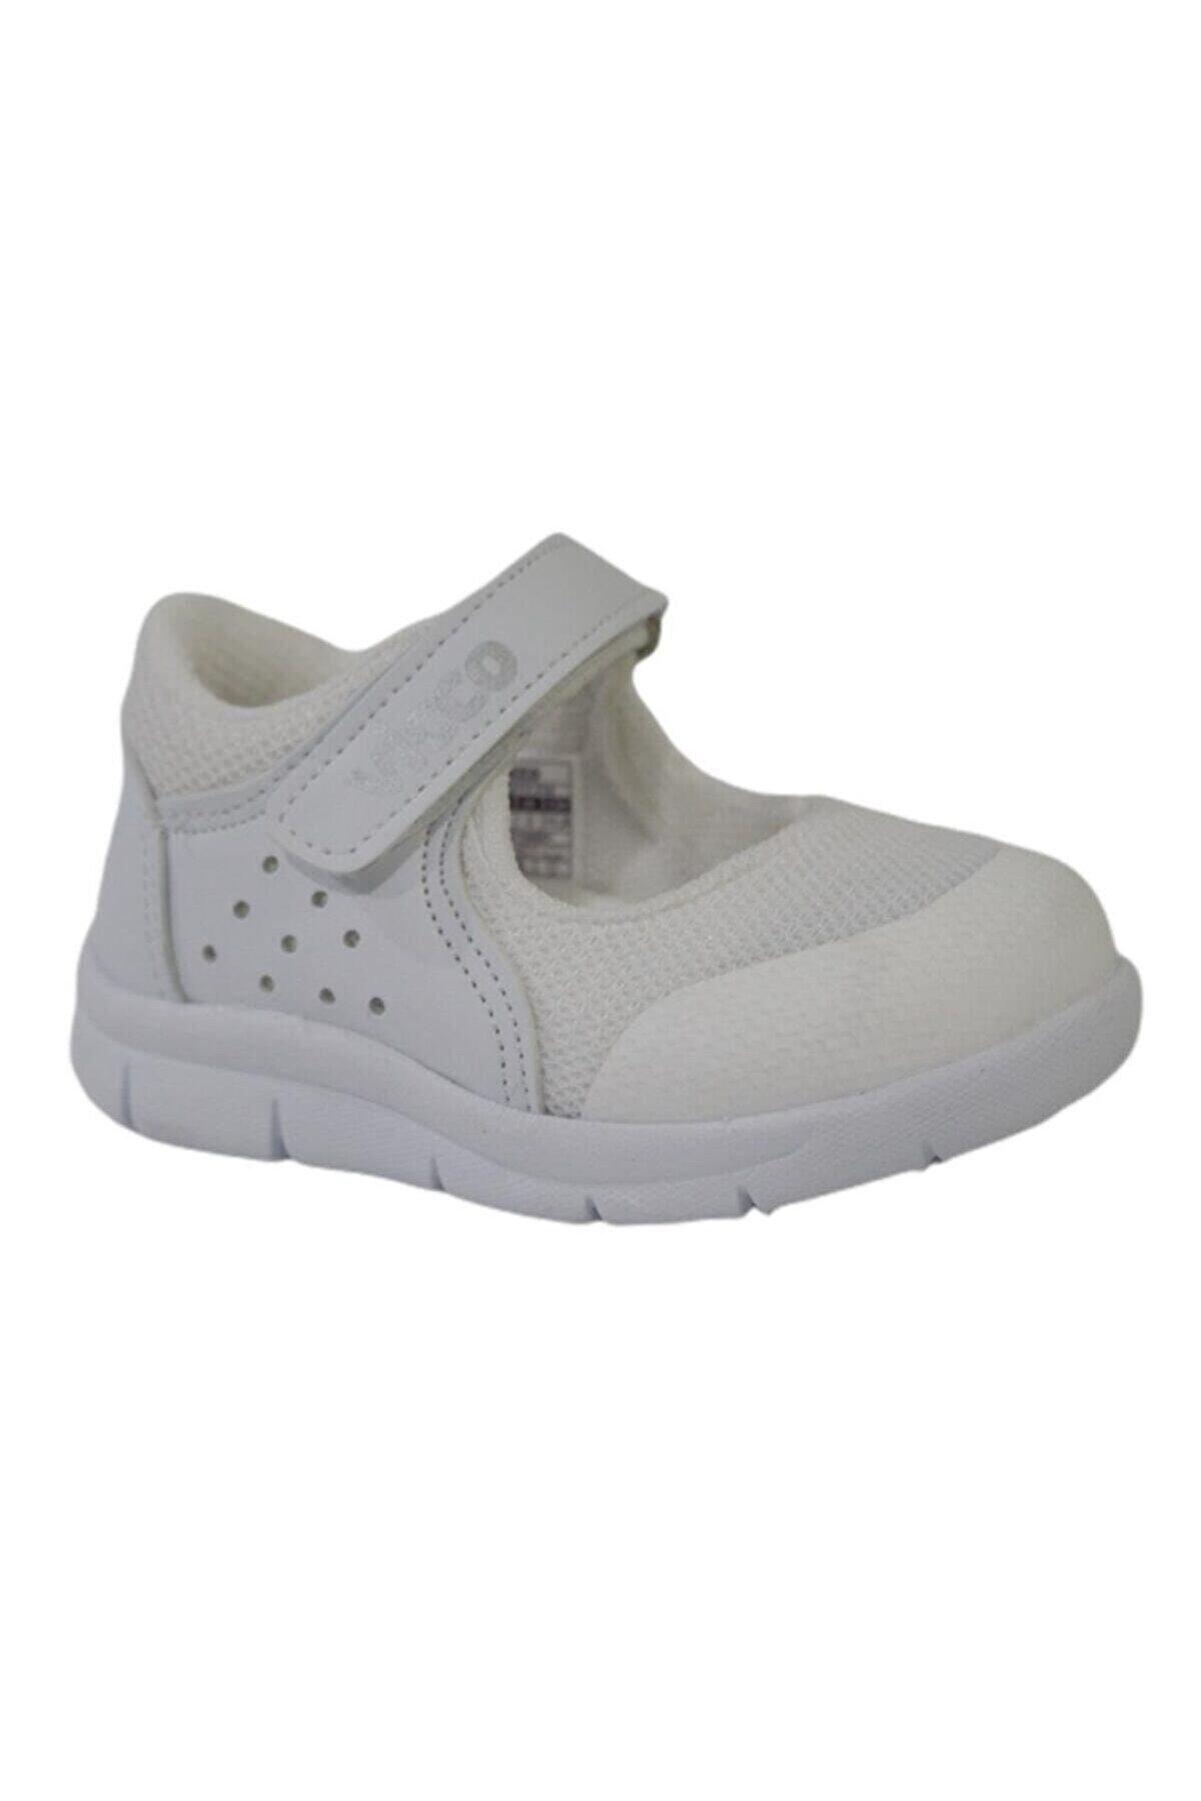 Vicco Kız  Çocuk Rahat Sandalet Ayakkabı 346.b21y.114 (22-25)